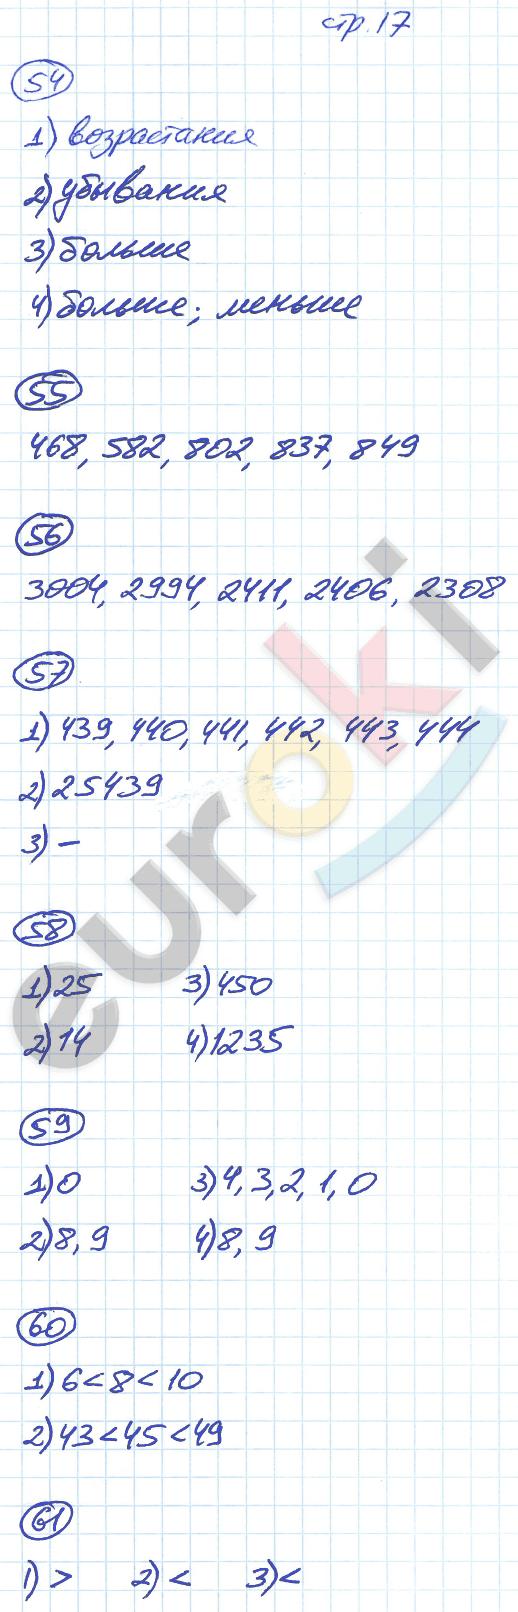 ГДЗ по математике 5 класс рабочая тетрадь Мерзляк, Полонский, Якир Часть 1, 2. Задание: стр. 17